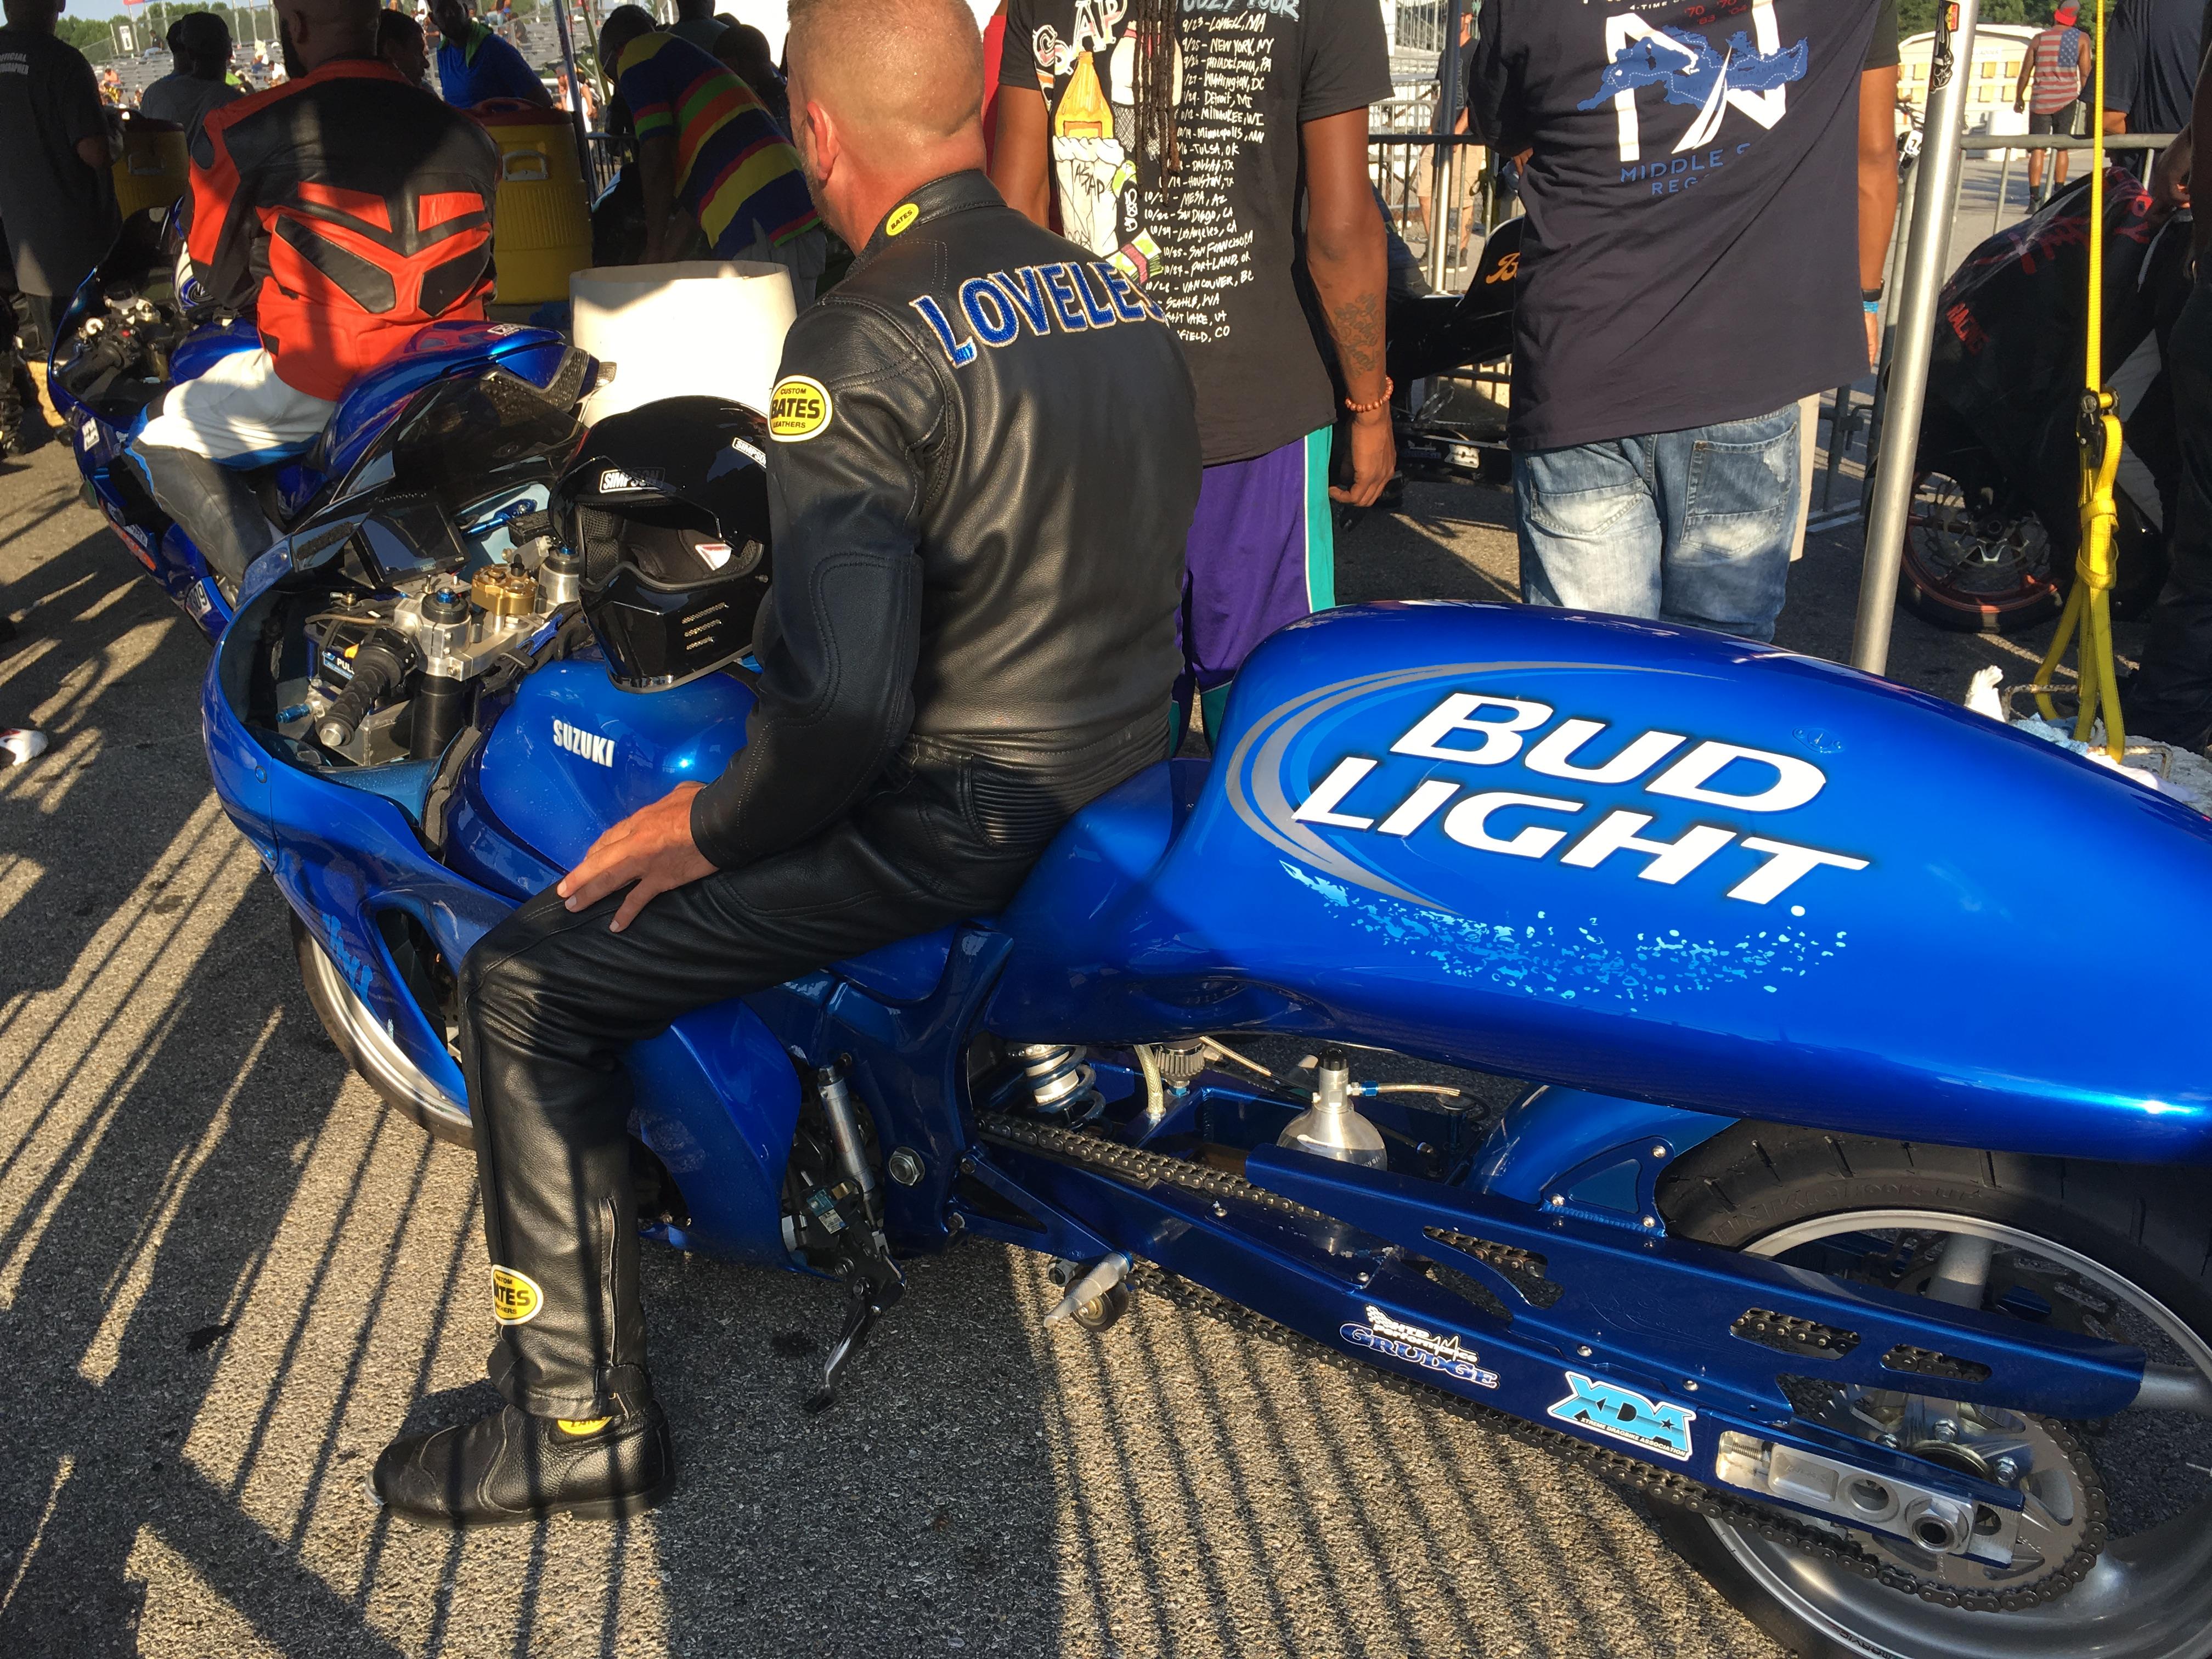 Bud Light Grudge Bike